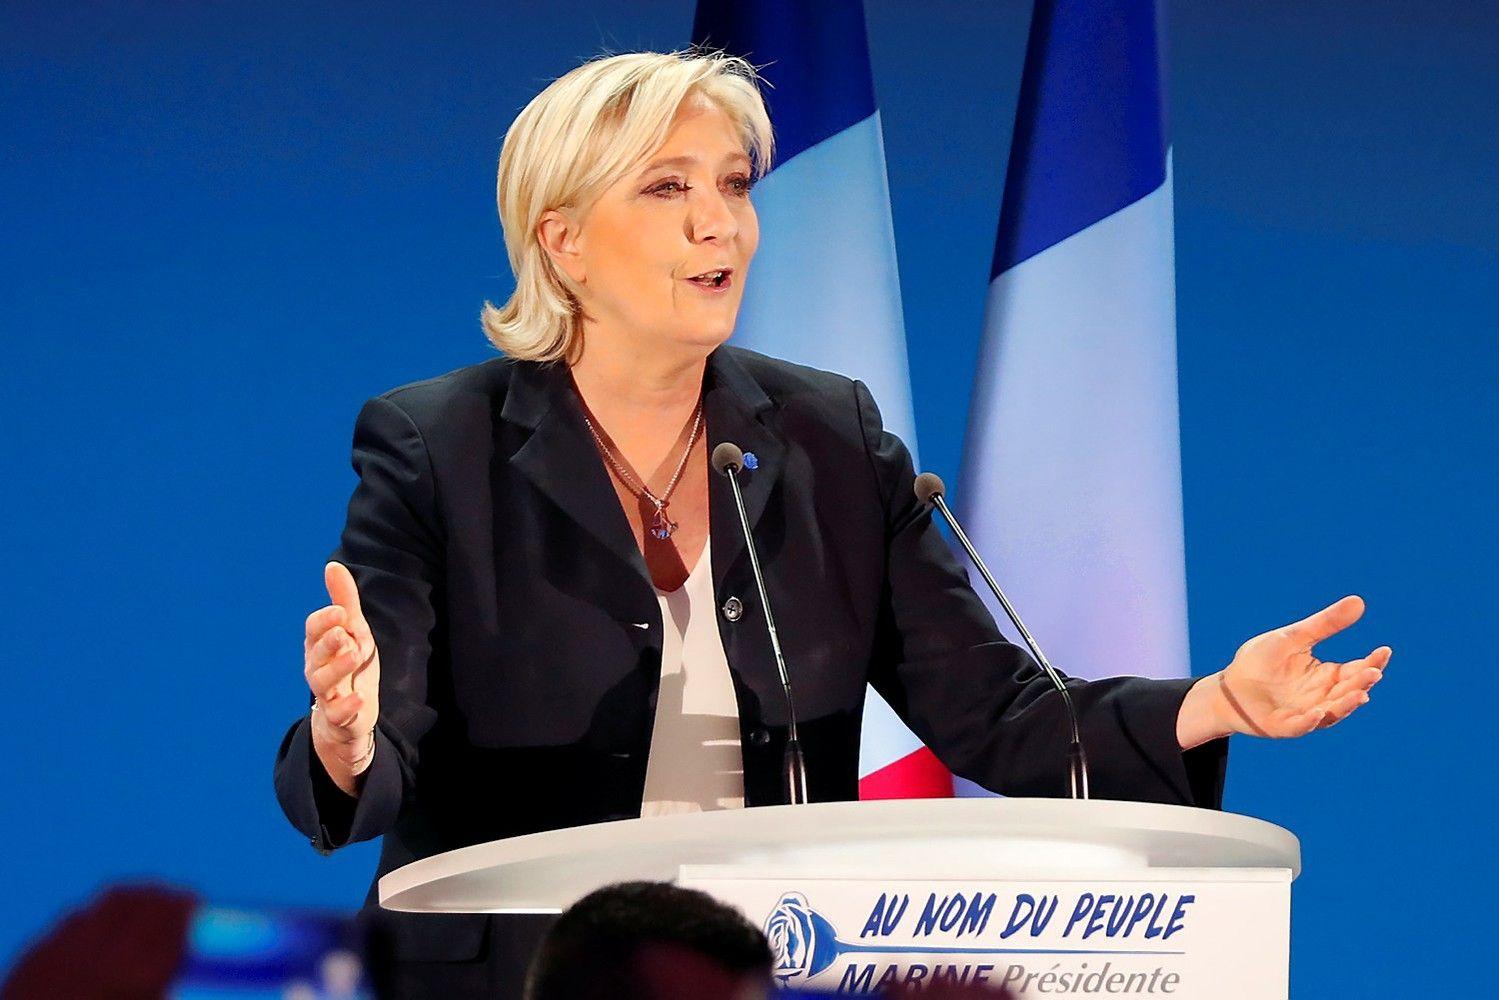 Le Pen pasitraukė iš savo partijos lyderės posto